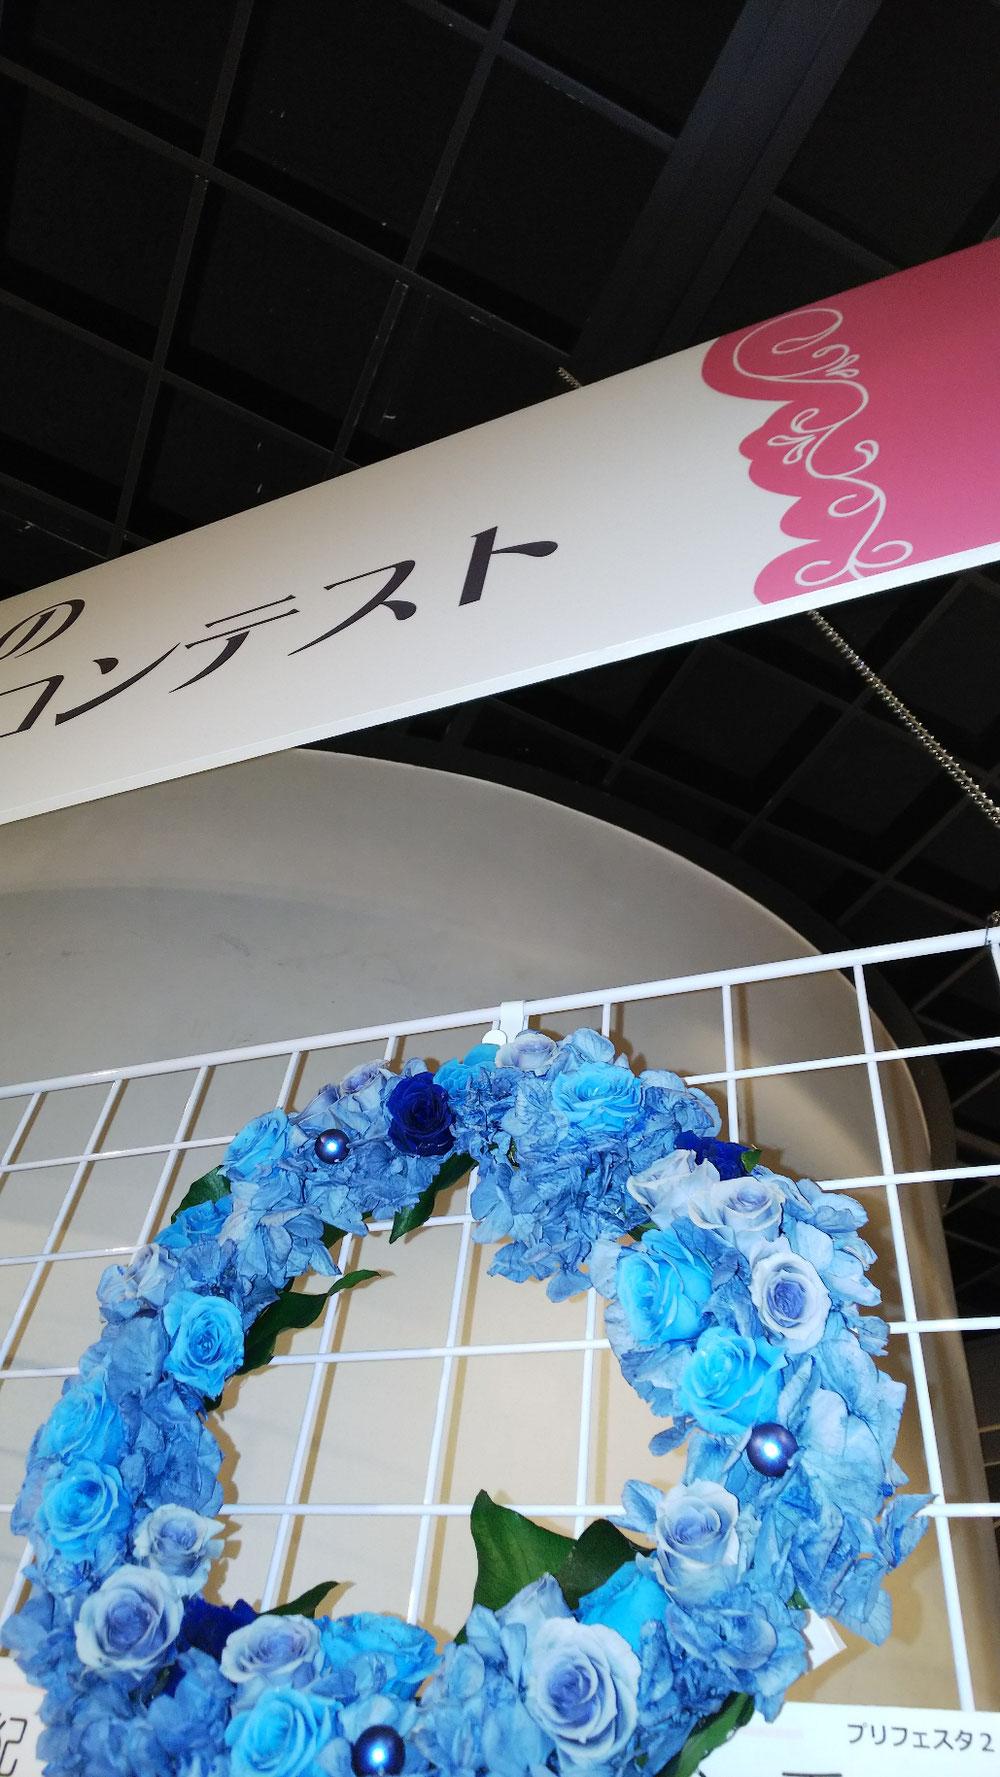 フラワーリースコンテスト☆Le concours de la couronne des fleurs preservees avait lieu en face de la Gare de Tokyo.